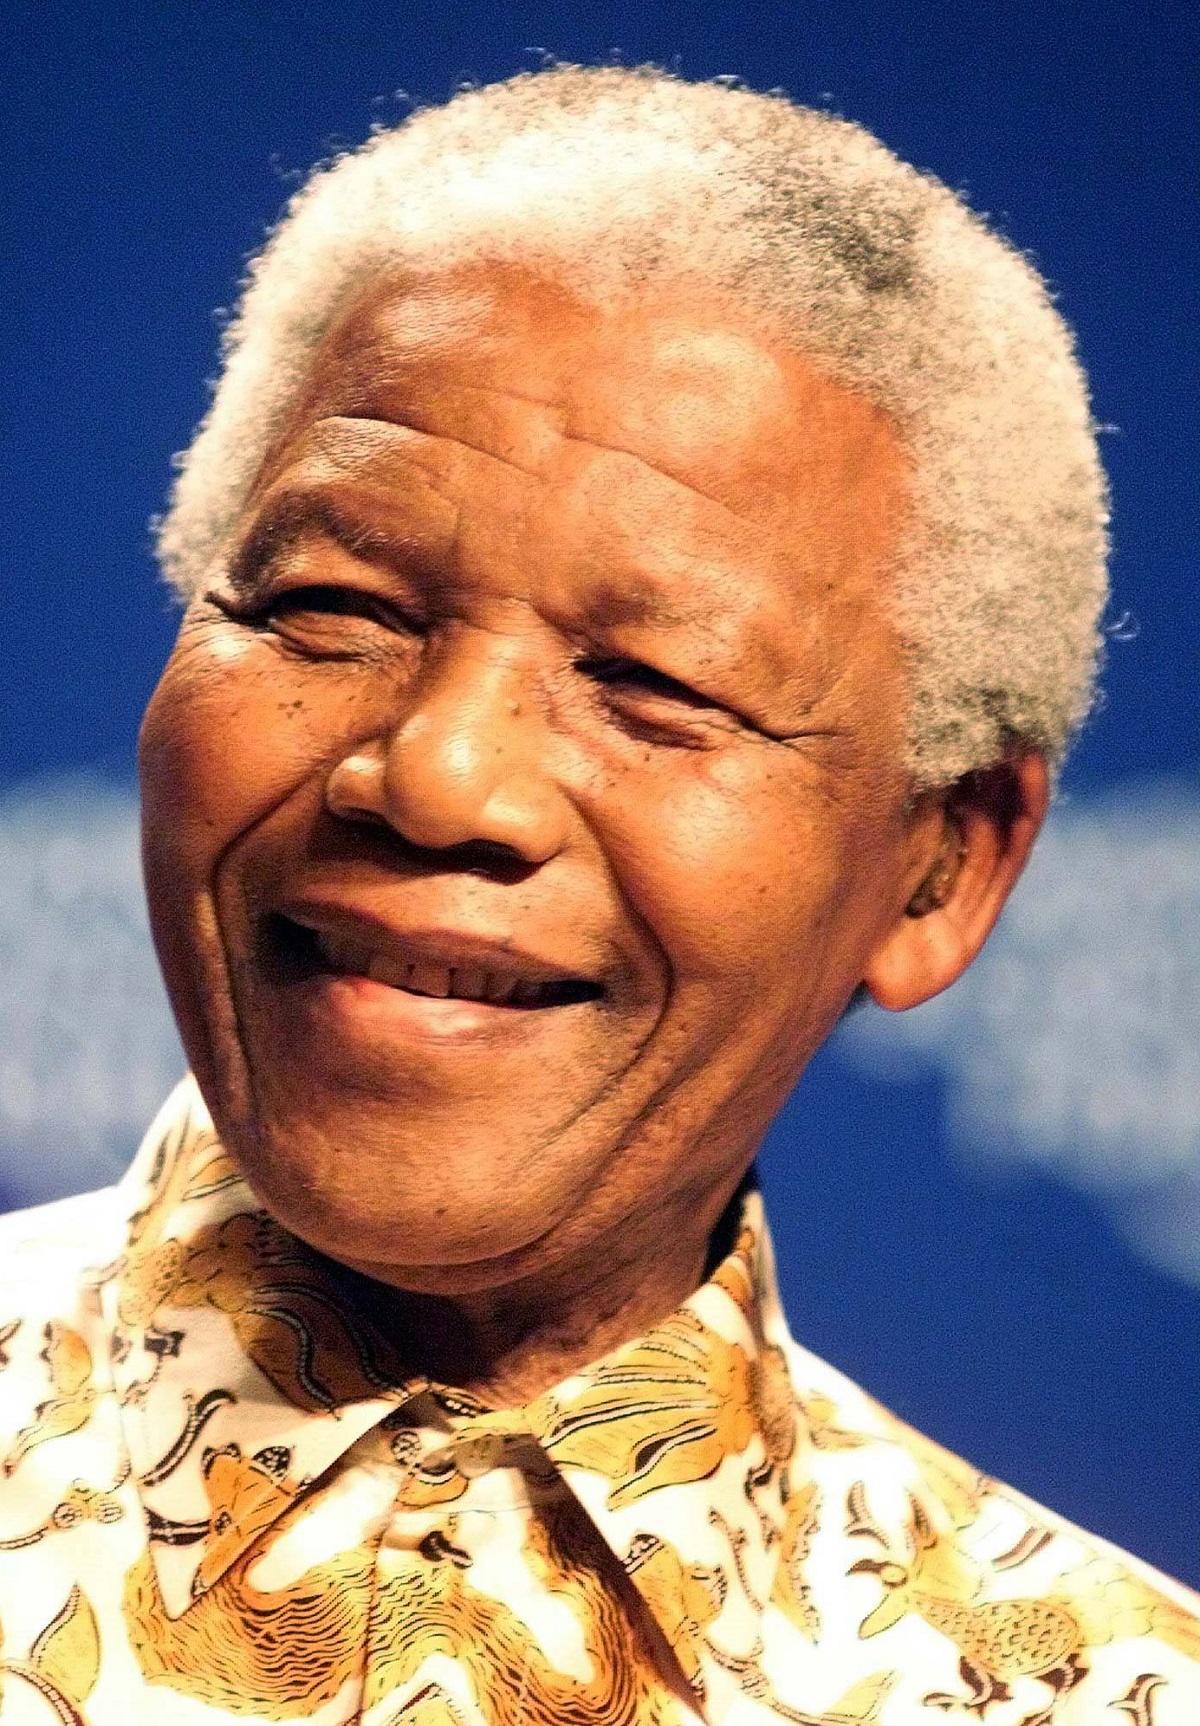 Las 10 Mejores Frases De Nelson Mandela A 100 Años De Su